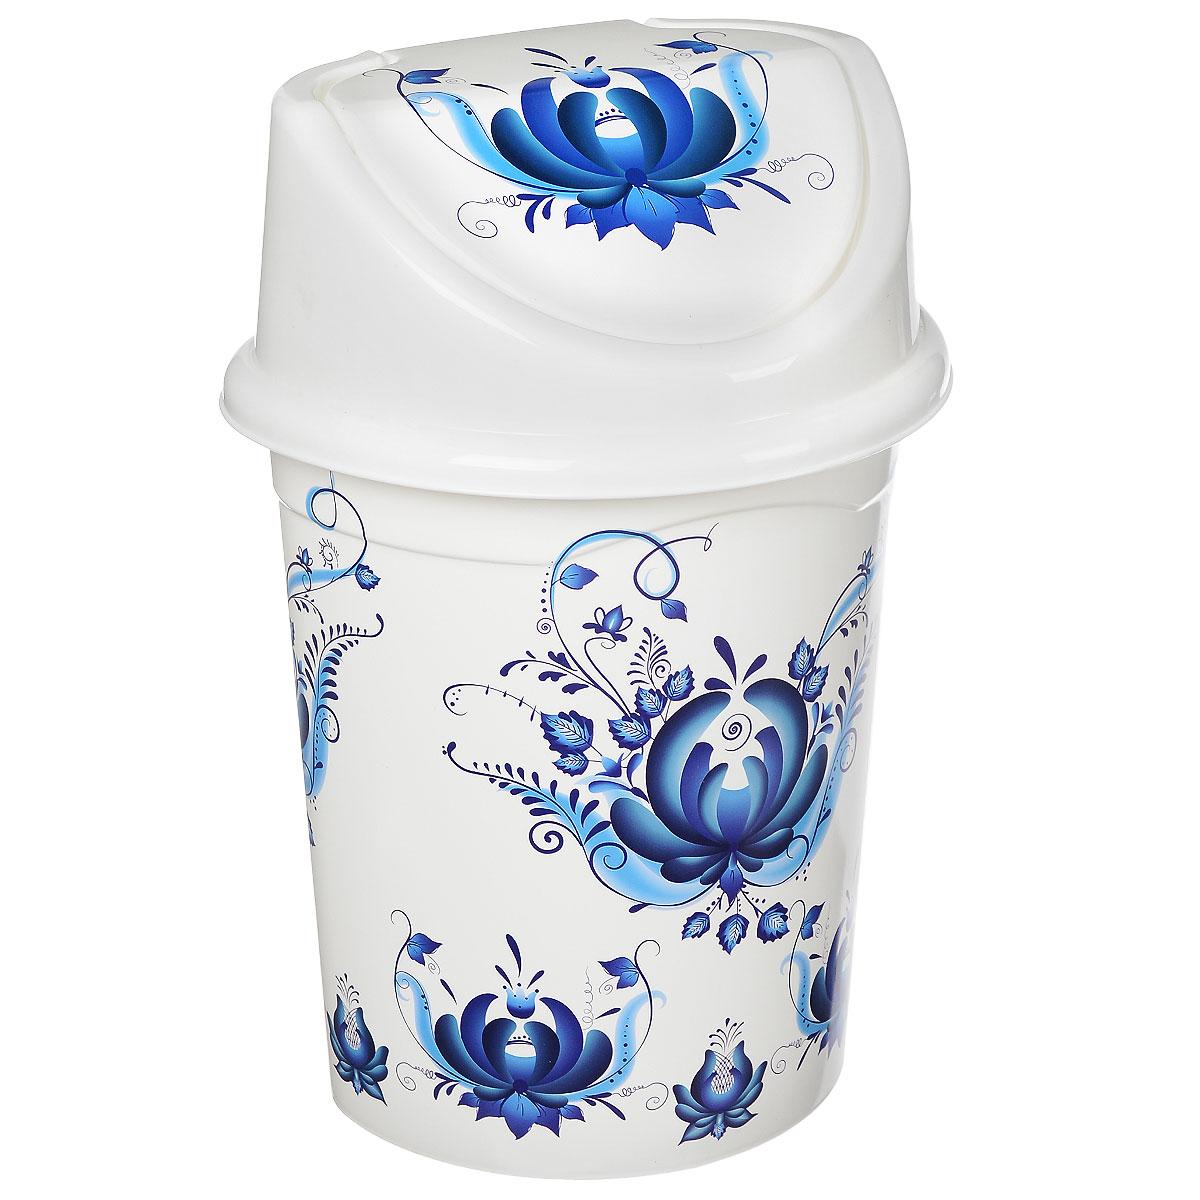 Контейнер для мусора Violet Гжель, цвет: белый, синий, 14 л68/5/4Контейнер для мусора Violet Гжель изготовлен из прочного пластика. Контейнер снабжен удобной съемной крышкой с подвижной перегородкой. Благодаря стильному дизайну такой контейнер идеально украсит интерьер и дома, и офиса.